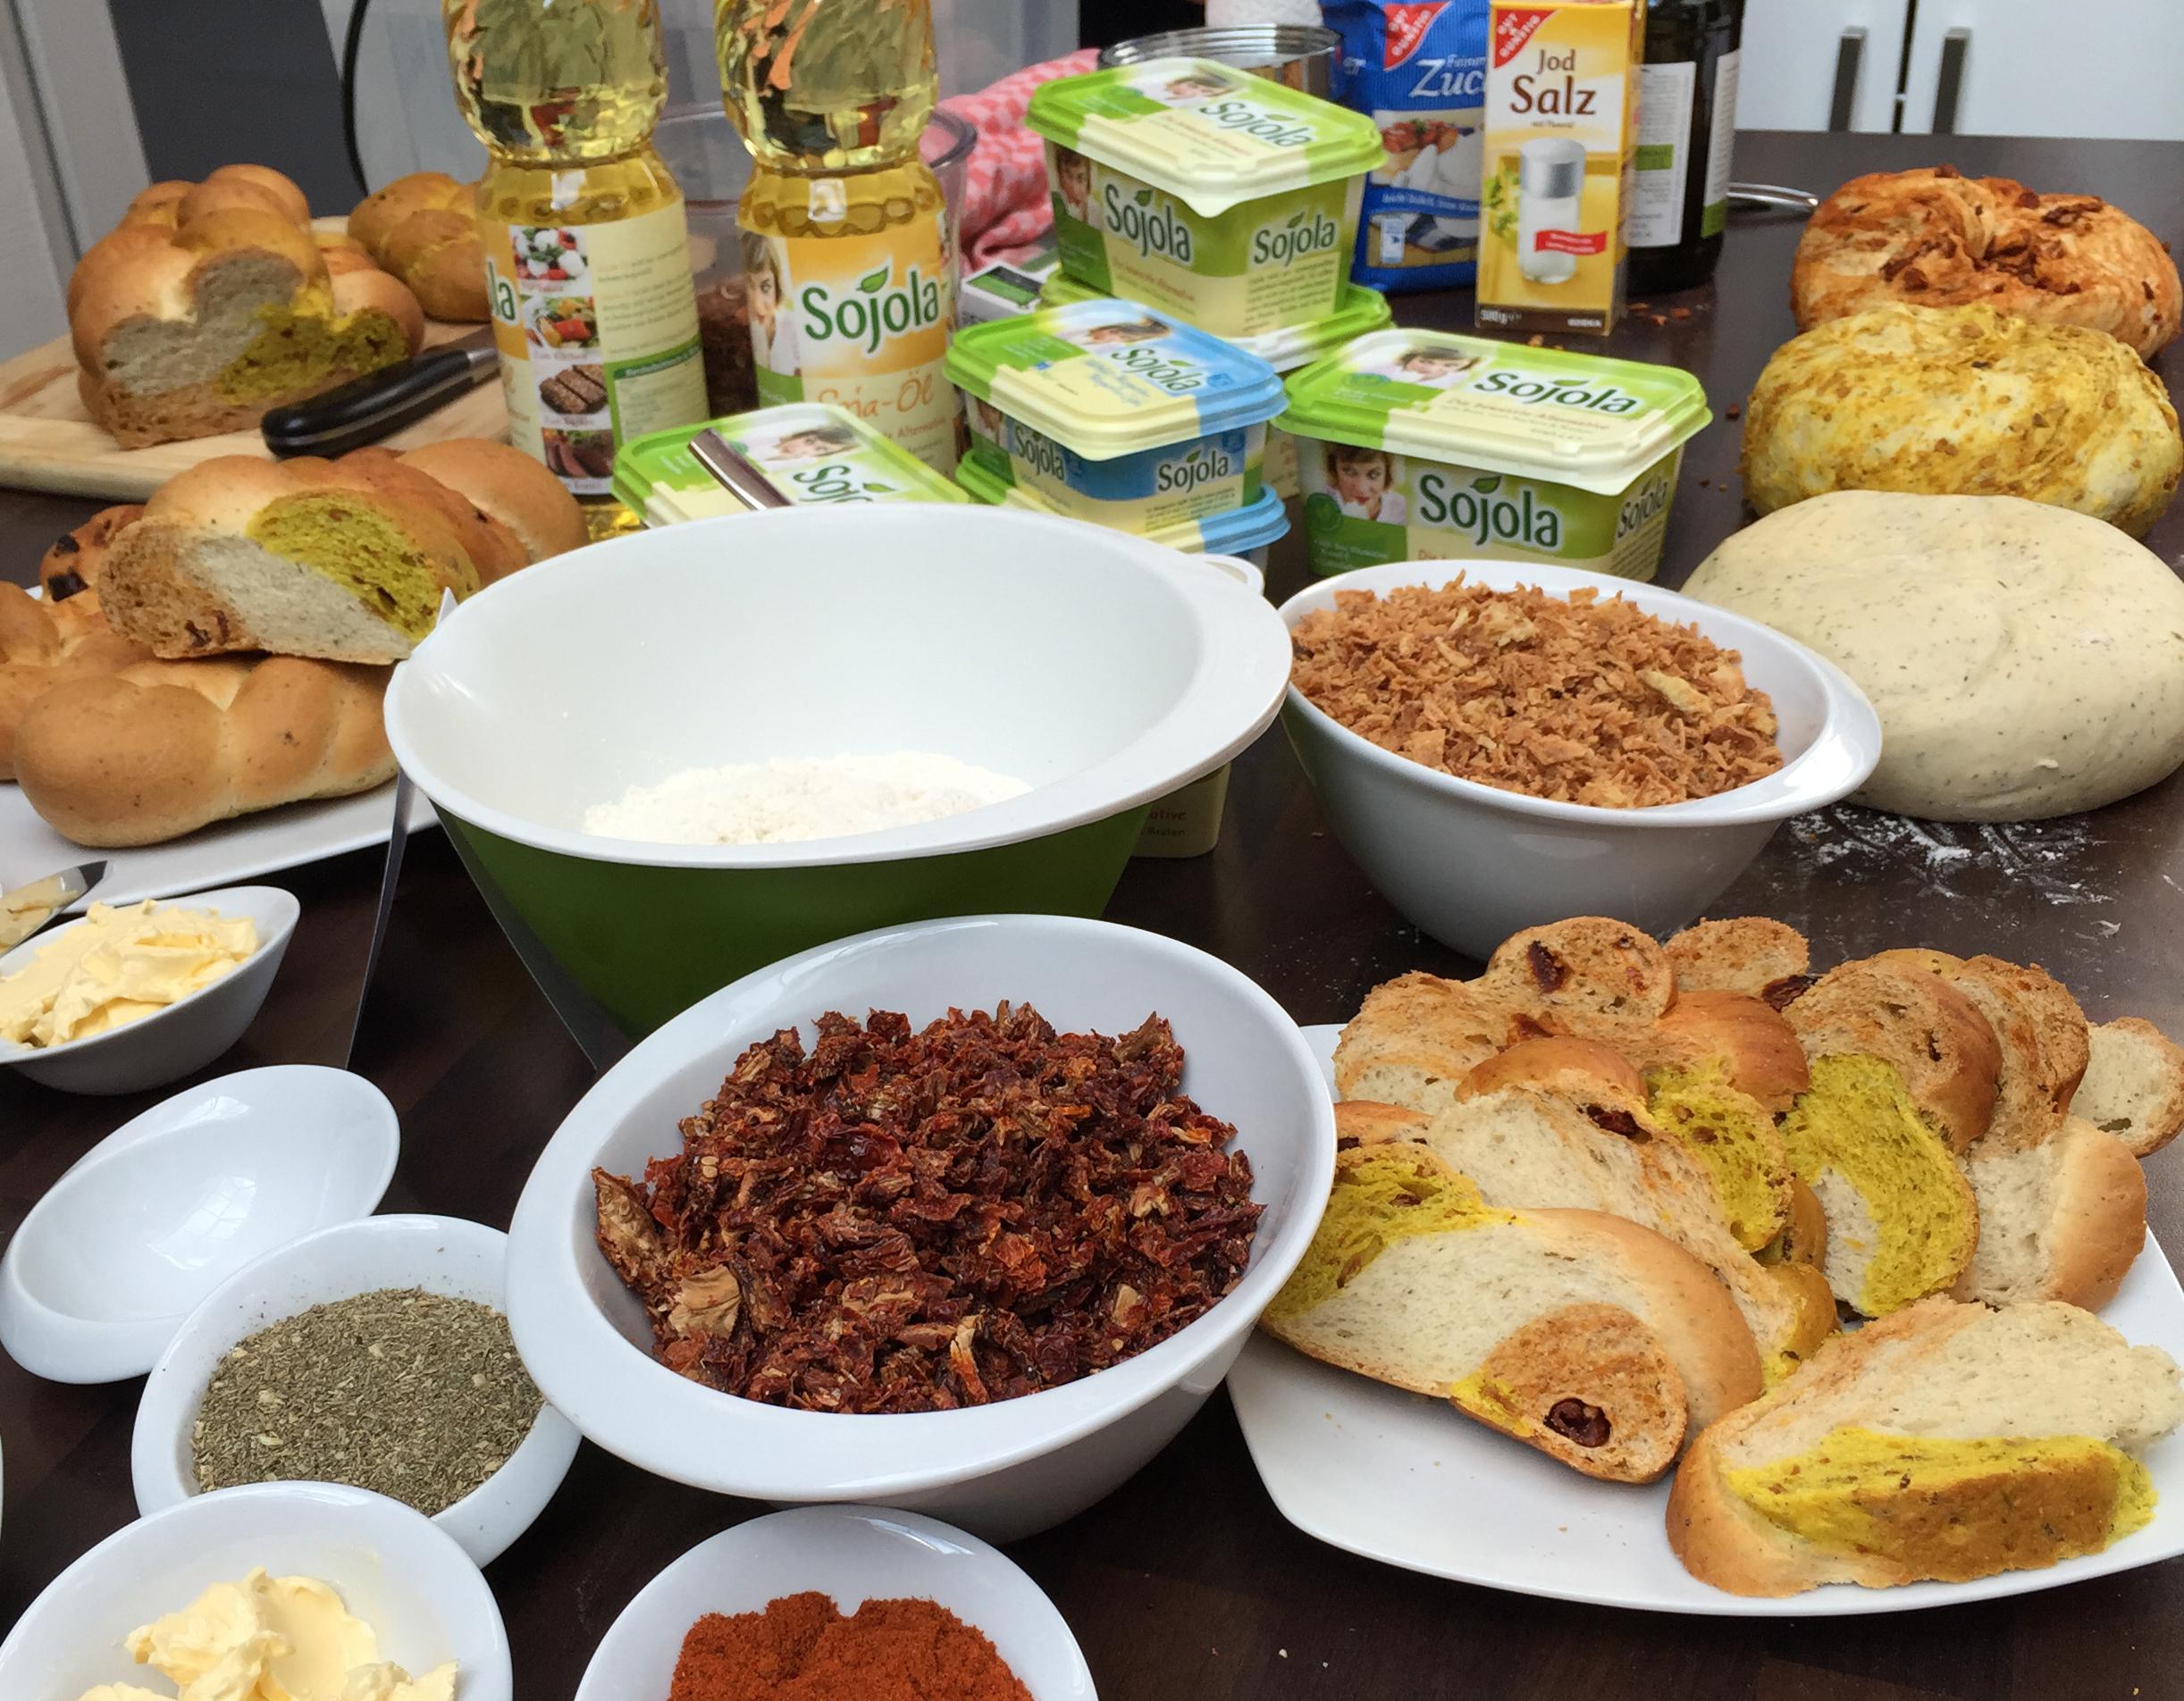 Lecker, leckerer, FoodBloggerCamp Reutlingen 2015 ❤ #fbcr15